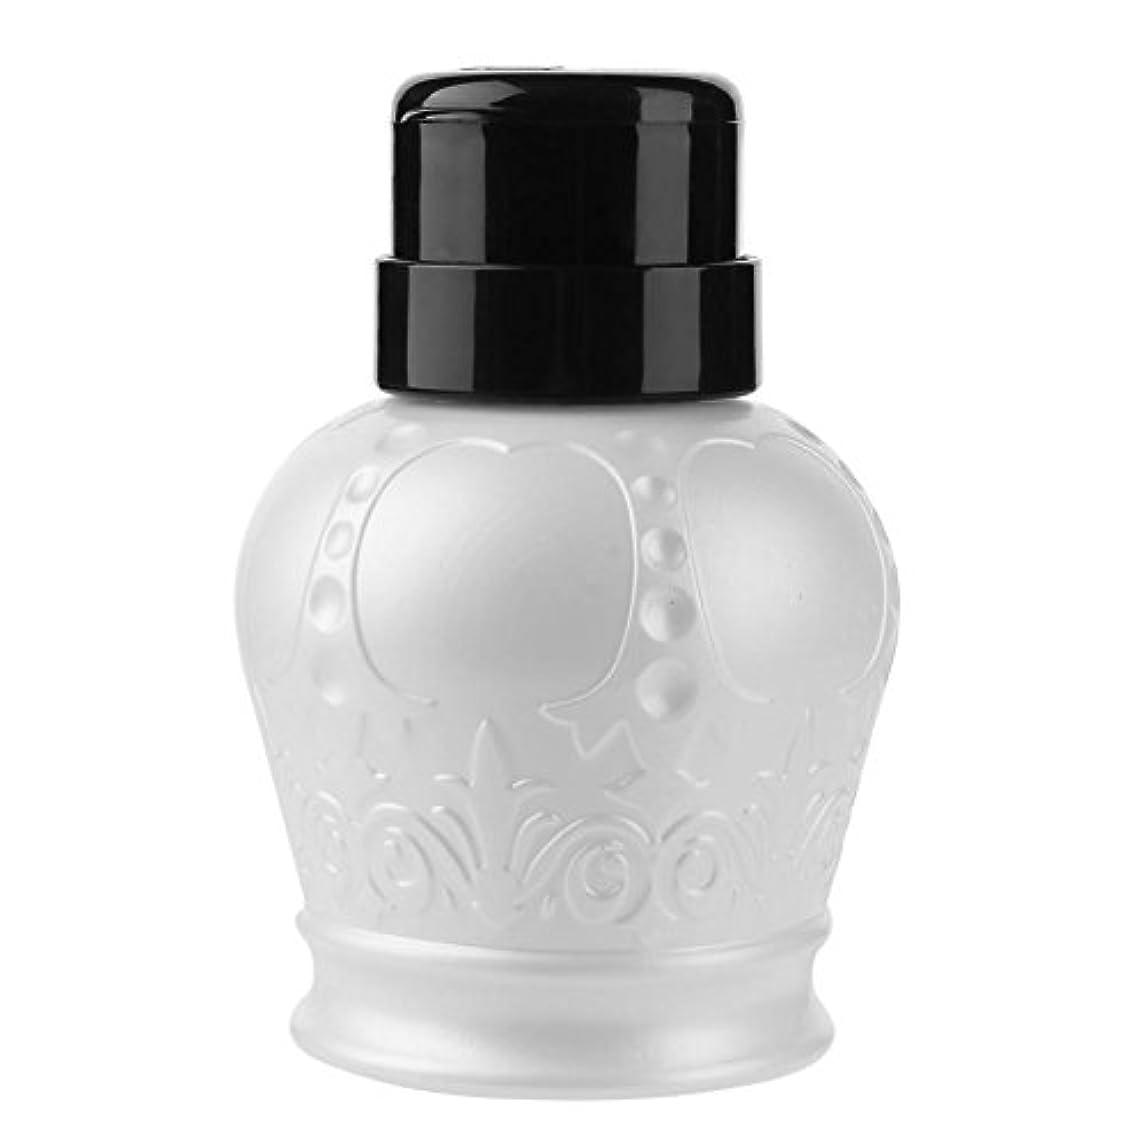 散歩に行く抑止する盟主Demiawaking 詰め替え容器  乳液  化粧水  コンディショナー クリーム シャンプー 調味料入れ ホテル 旅行用品  出張用 多機能